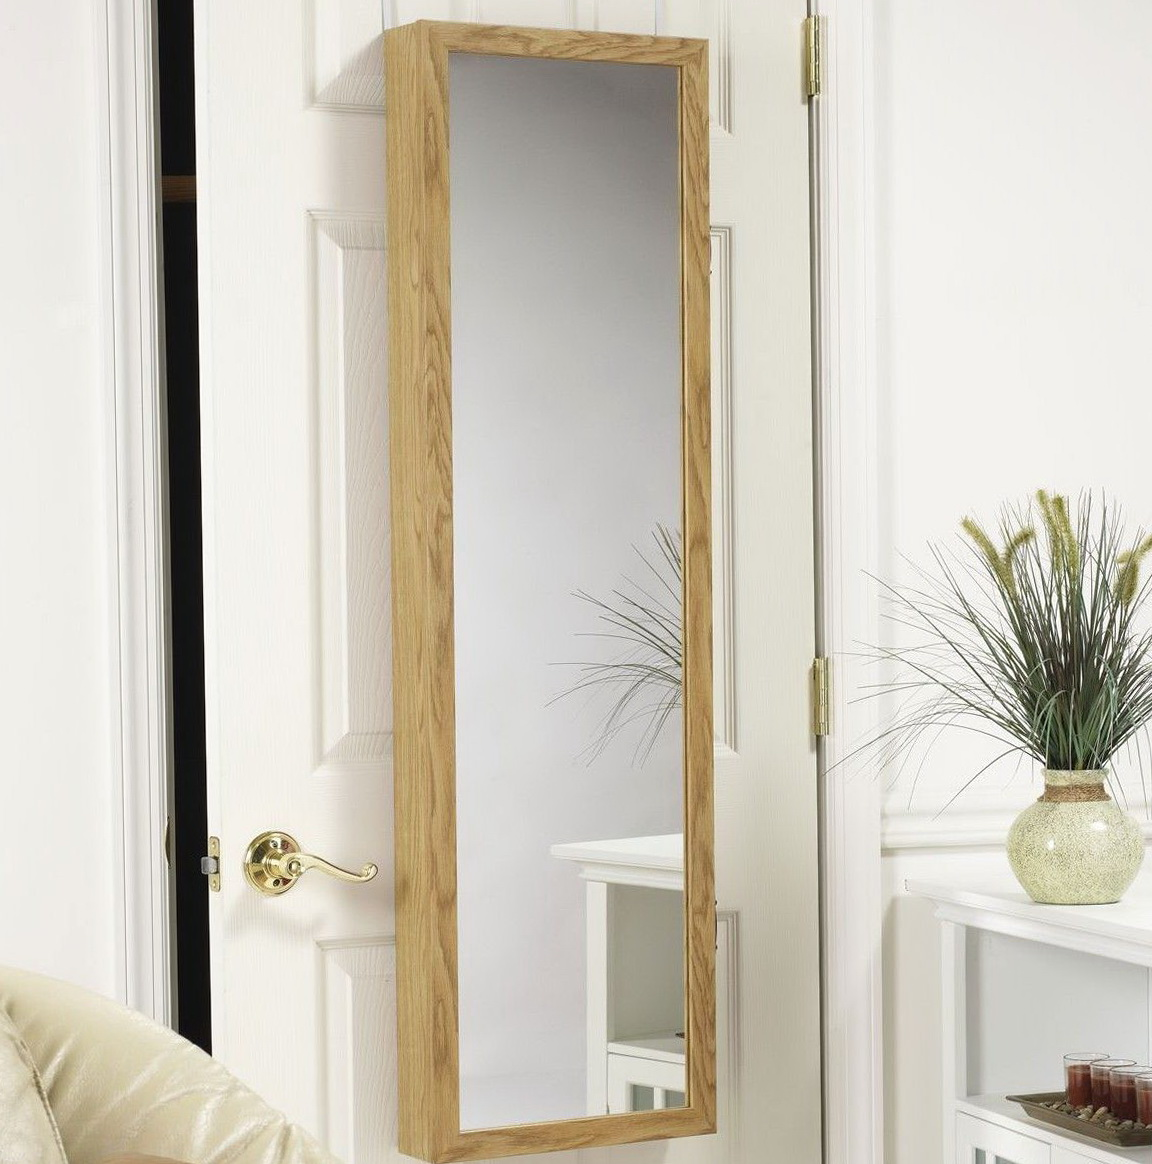 Jewelry Storage Mirror Over The Door